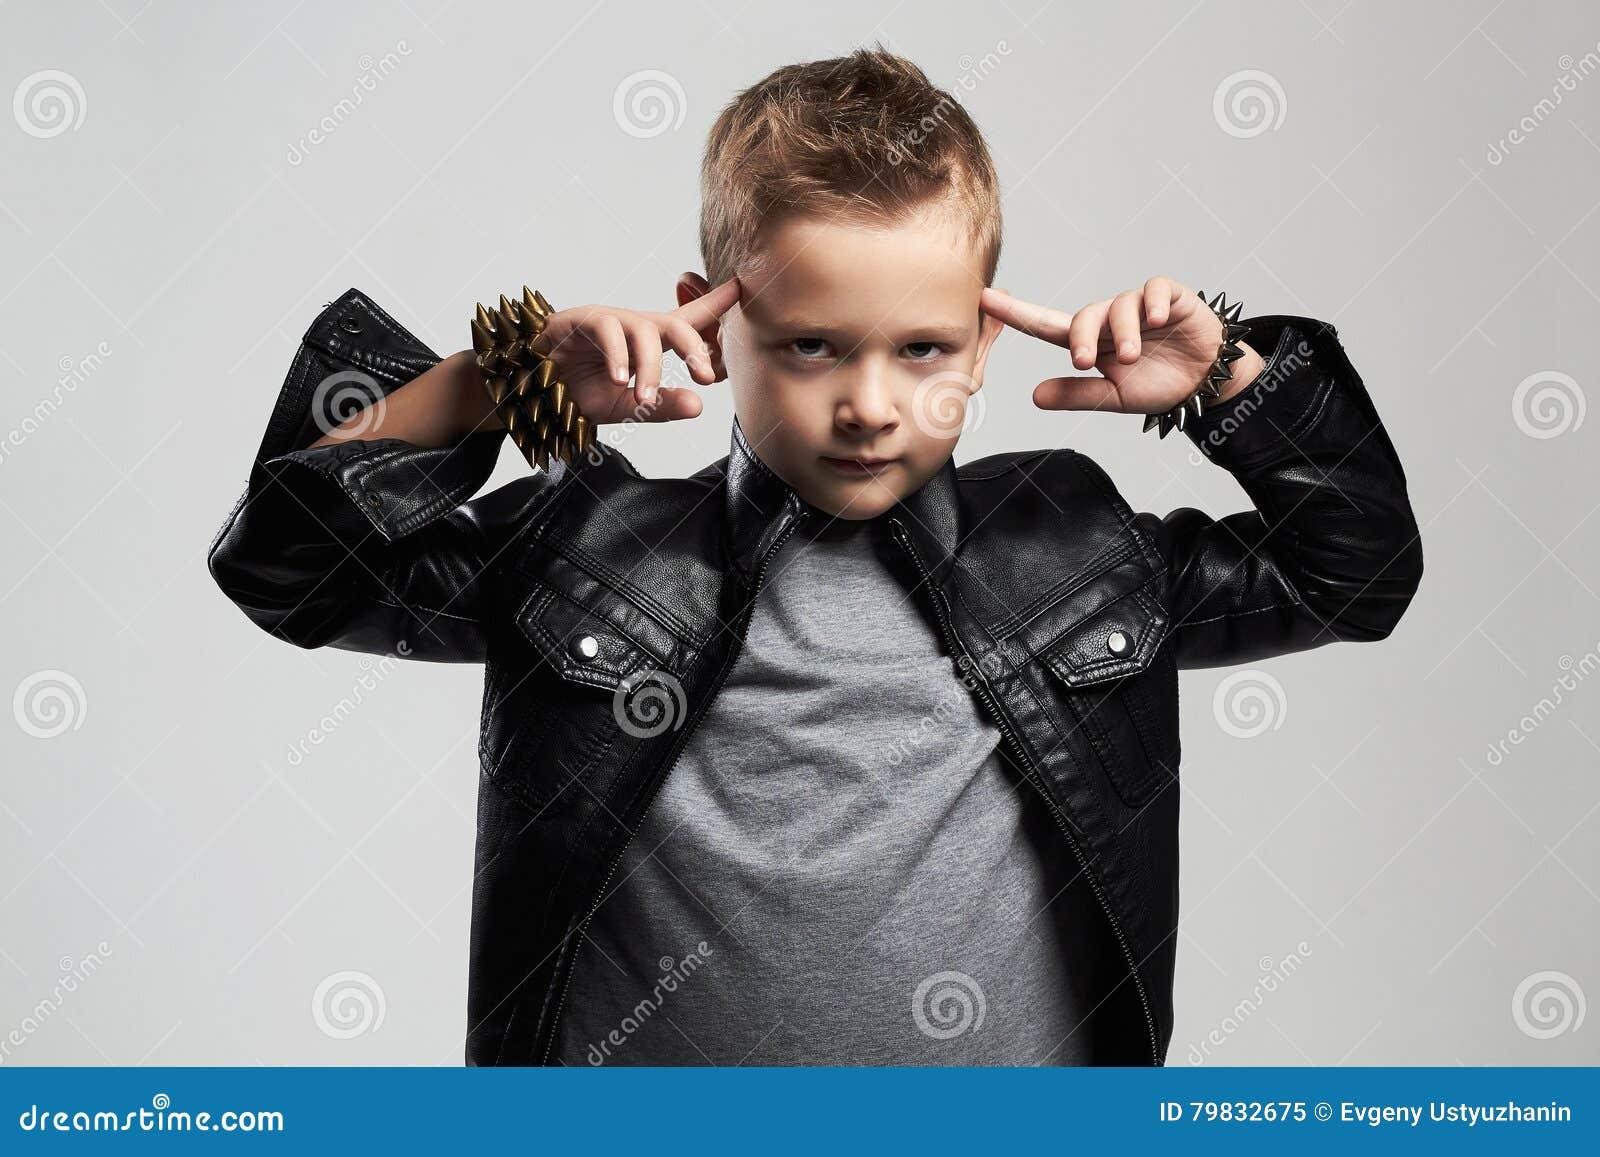 Tagli Di Capelli Per Bambini Maschi : Bambino alla moda in cappotto di cuoio bambino alla moda con